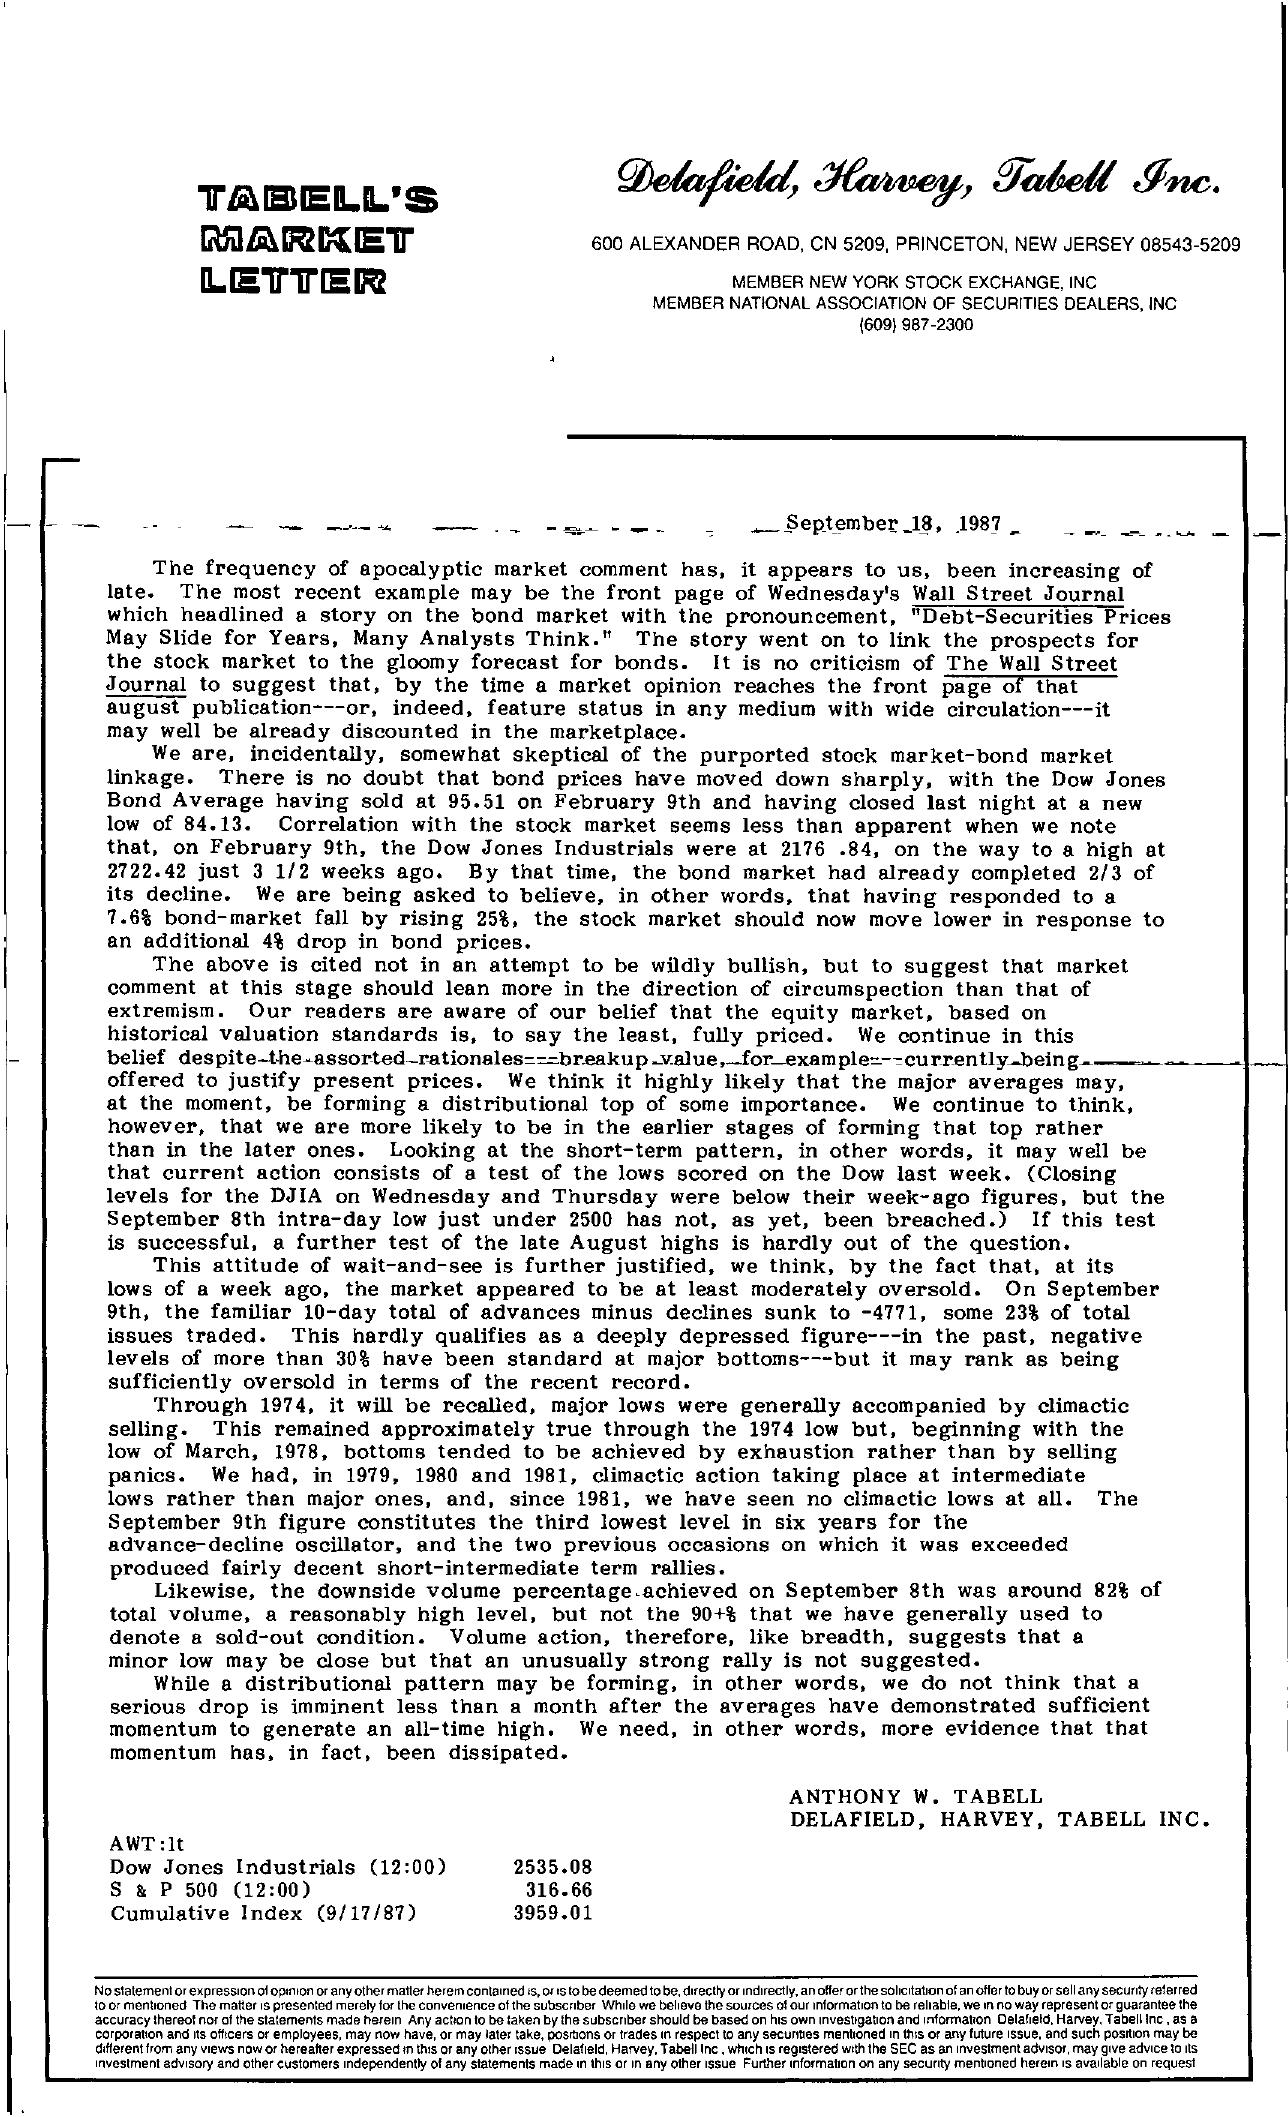 Tabell's Market Letter - September 18, 1987